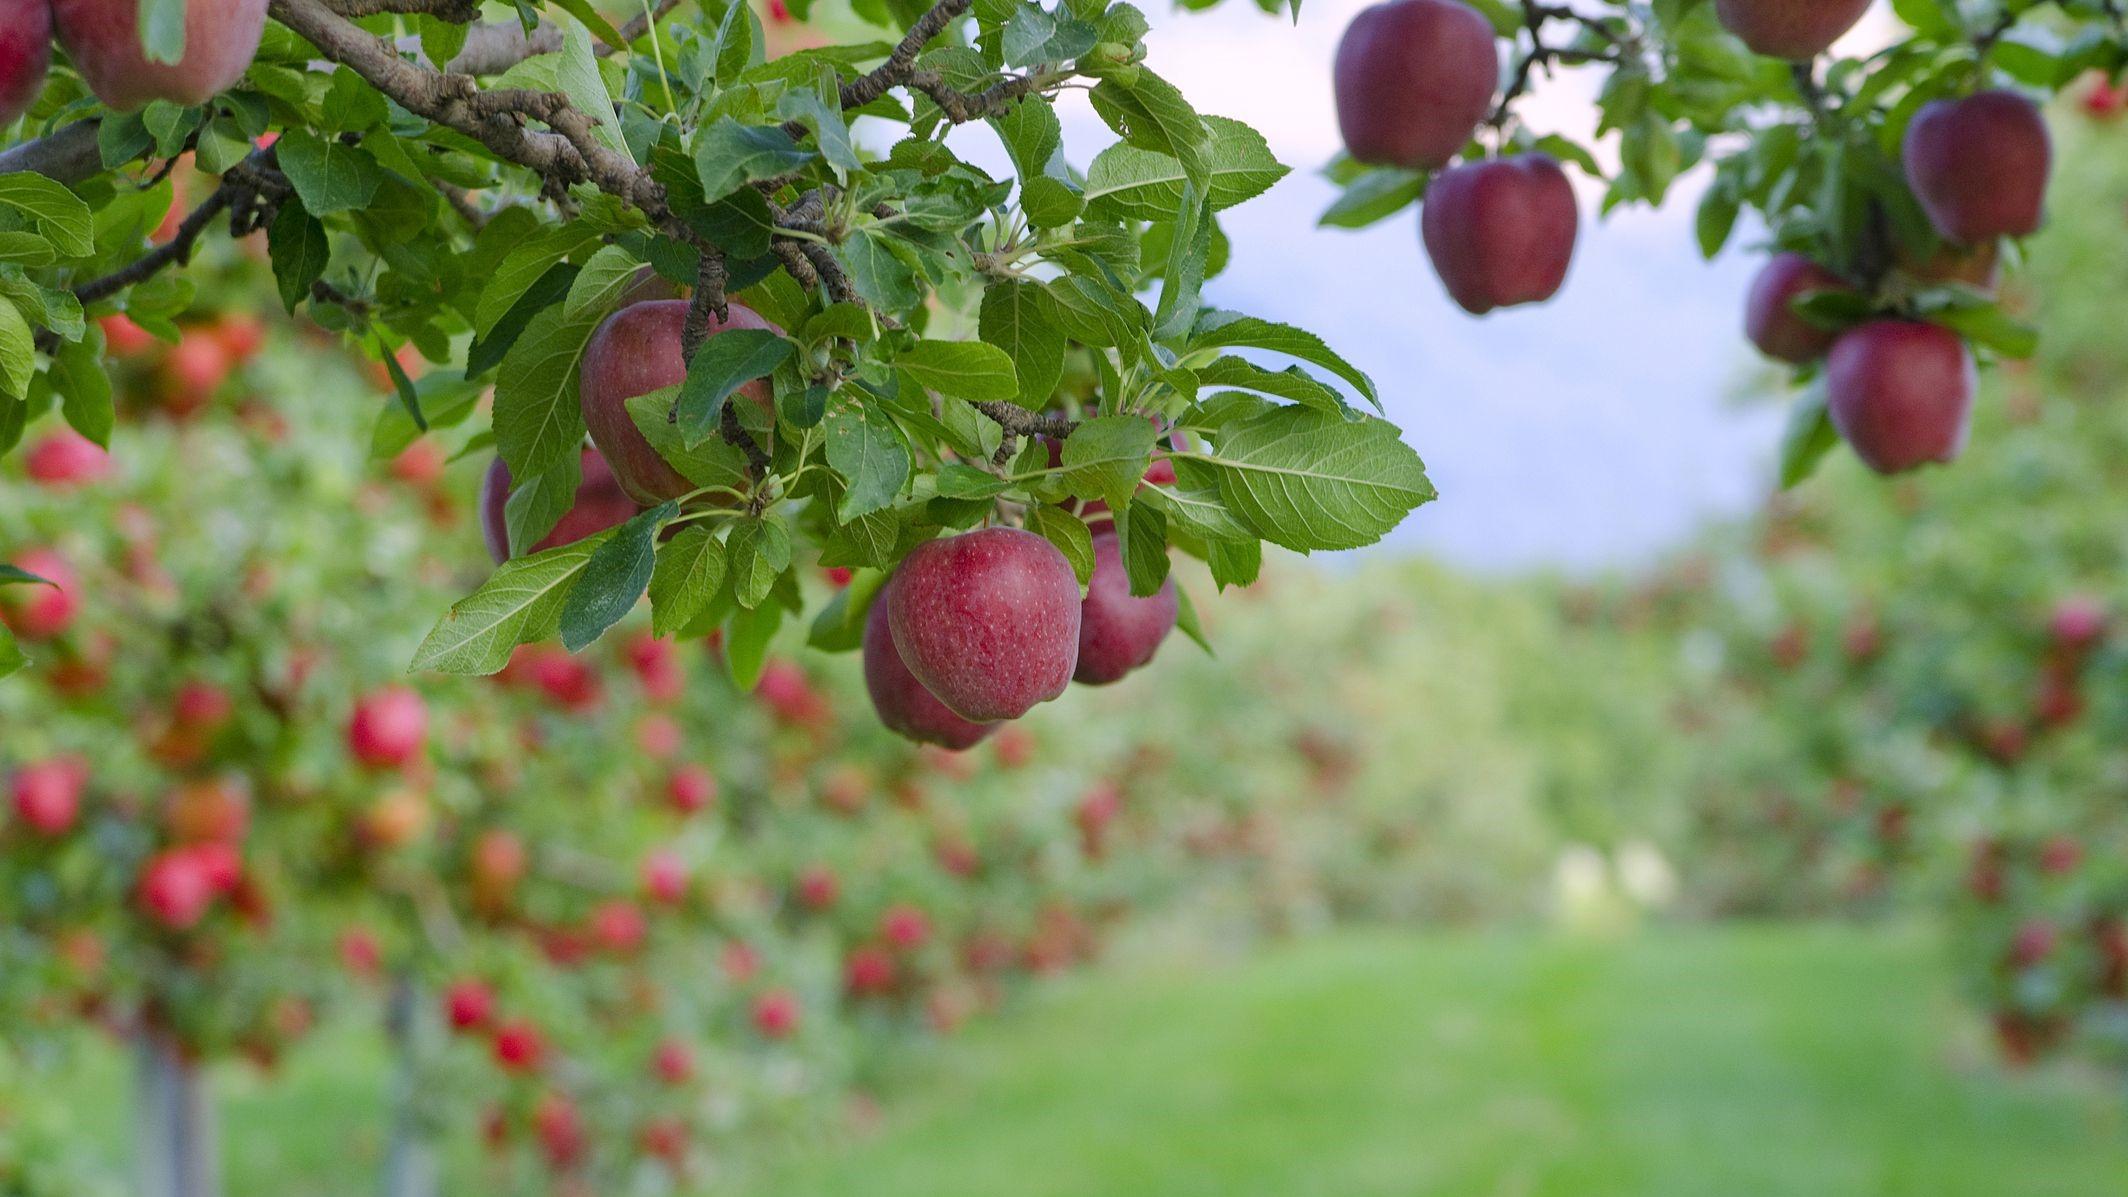 کمبود سیب برای تنظیم بازار شب عید شایعه ای بیش نیست